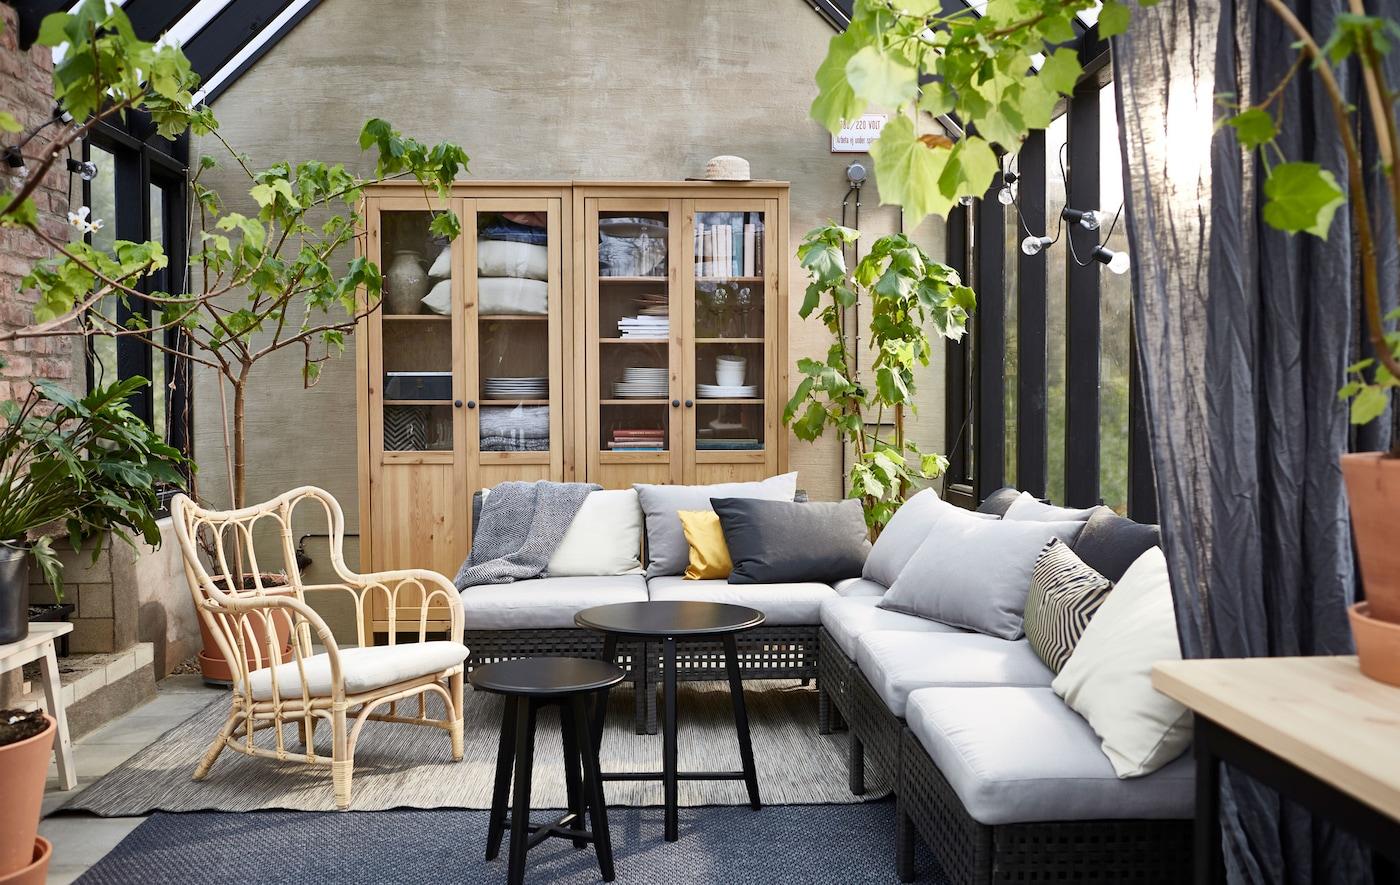 Combinez les modules de notre série d'extérieur KUNGSHOLMEN pour créer un canapé qui convient parfaitement à l'espace extérieur.